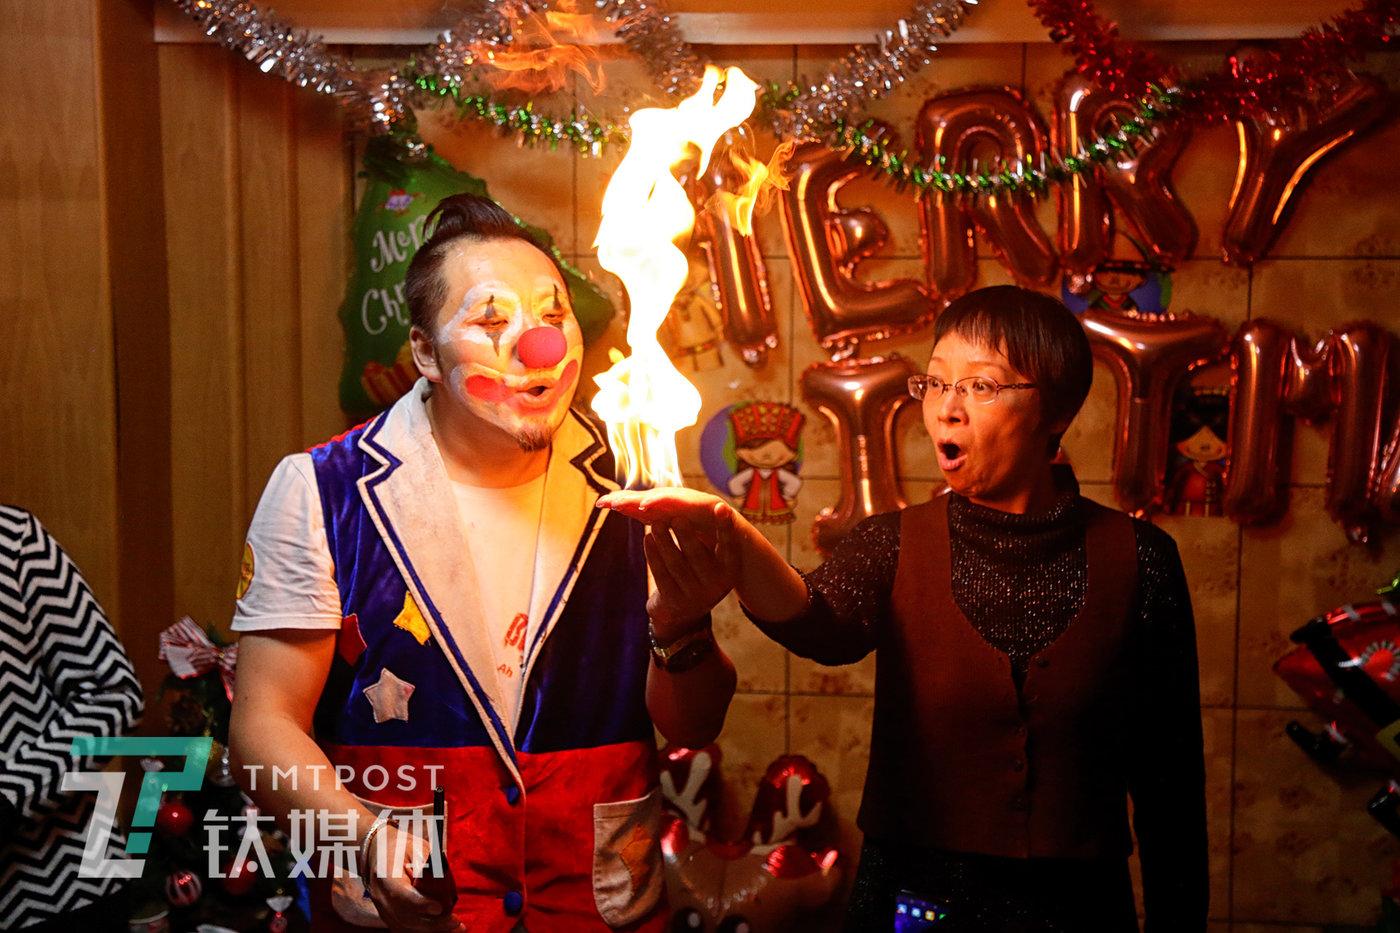 北京,一场圣诞聚会上,阿绎邀请一位家长互动。